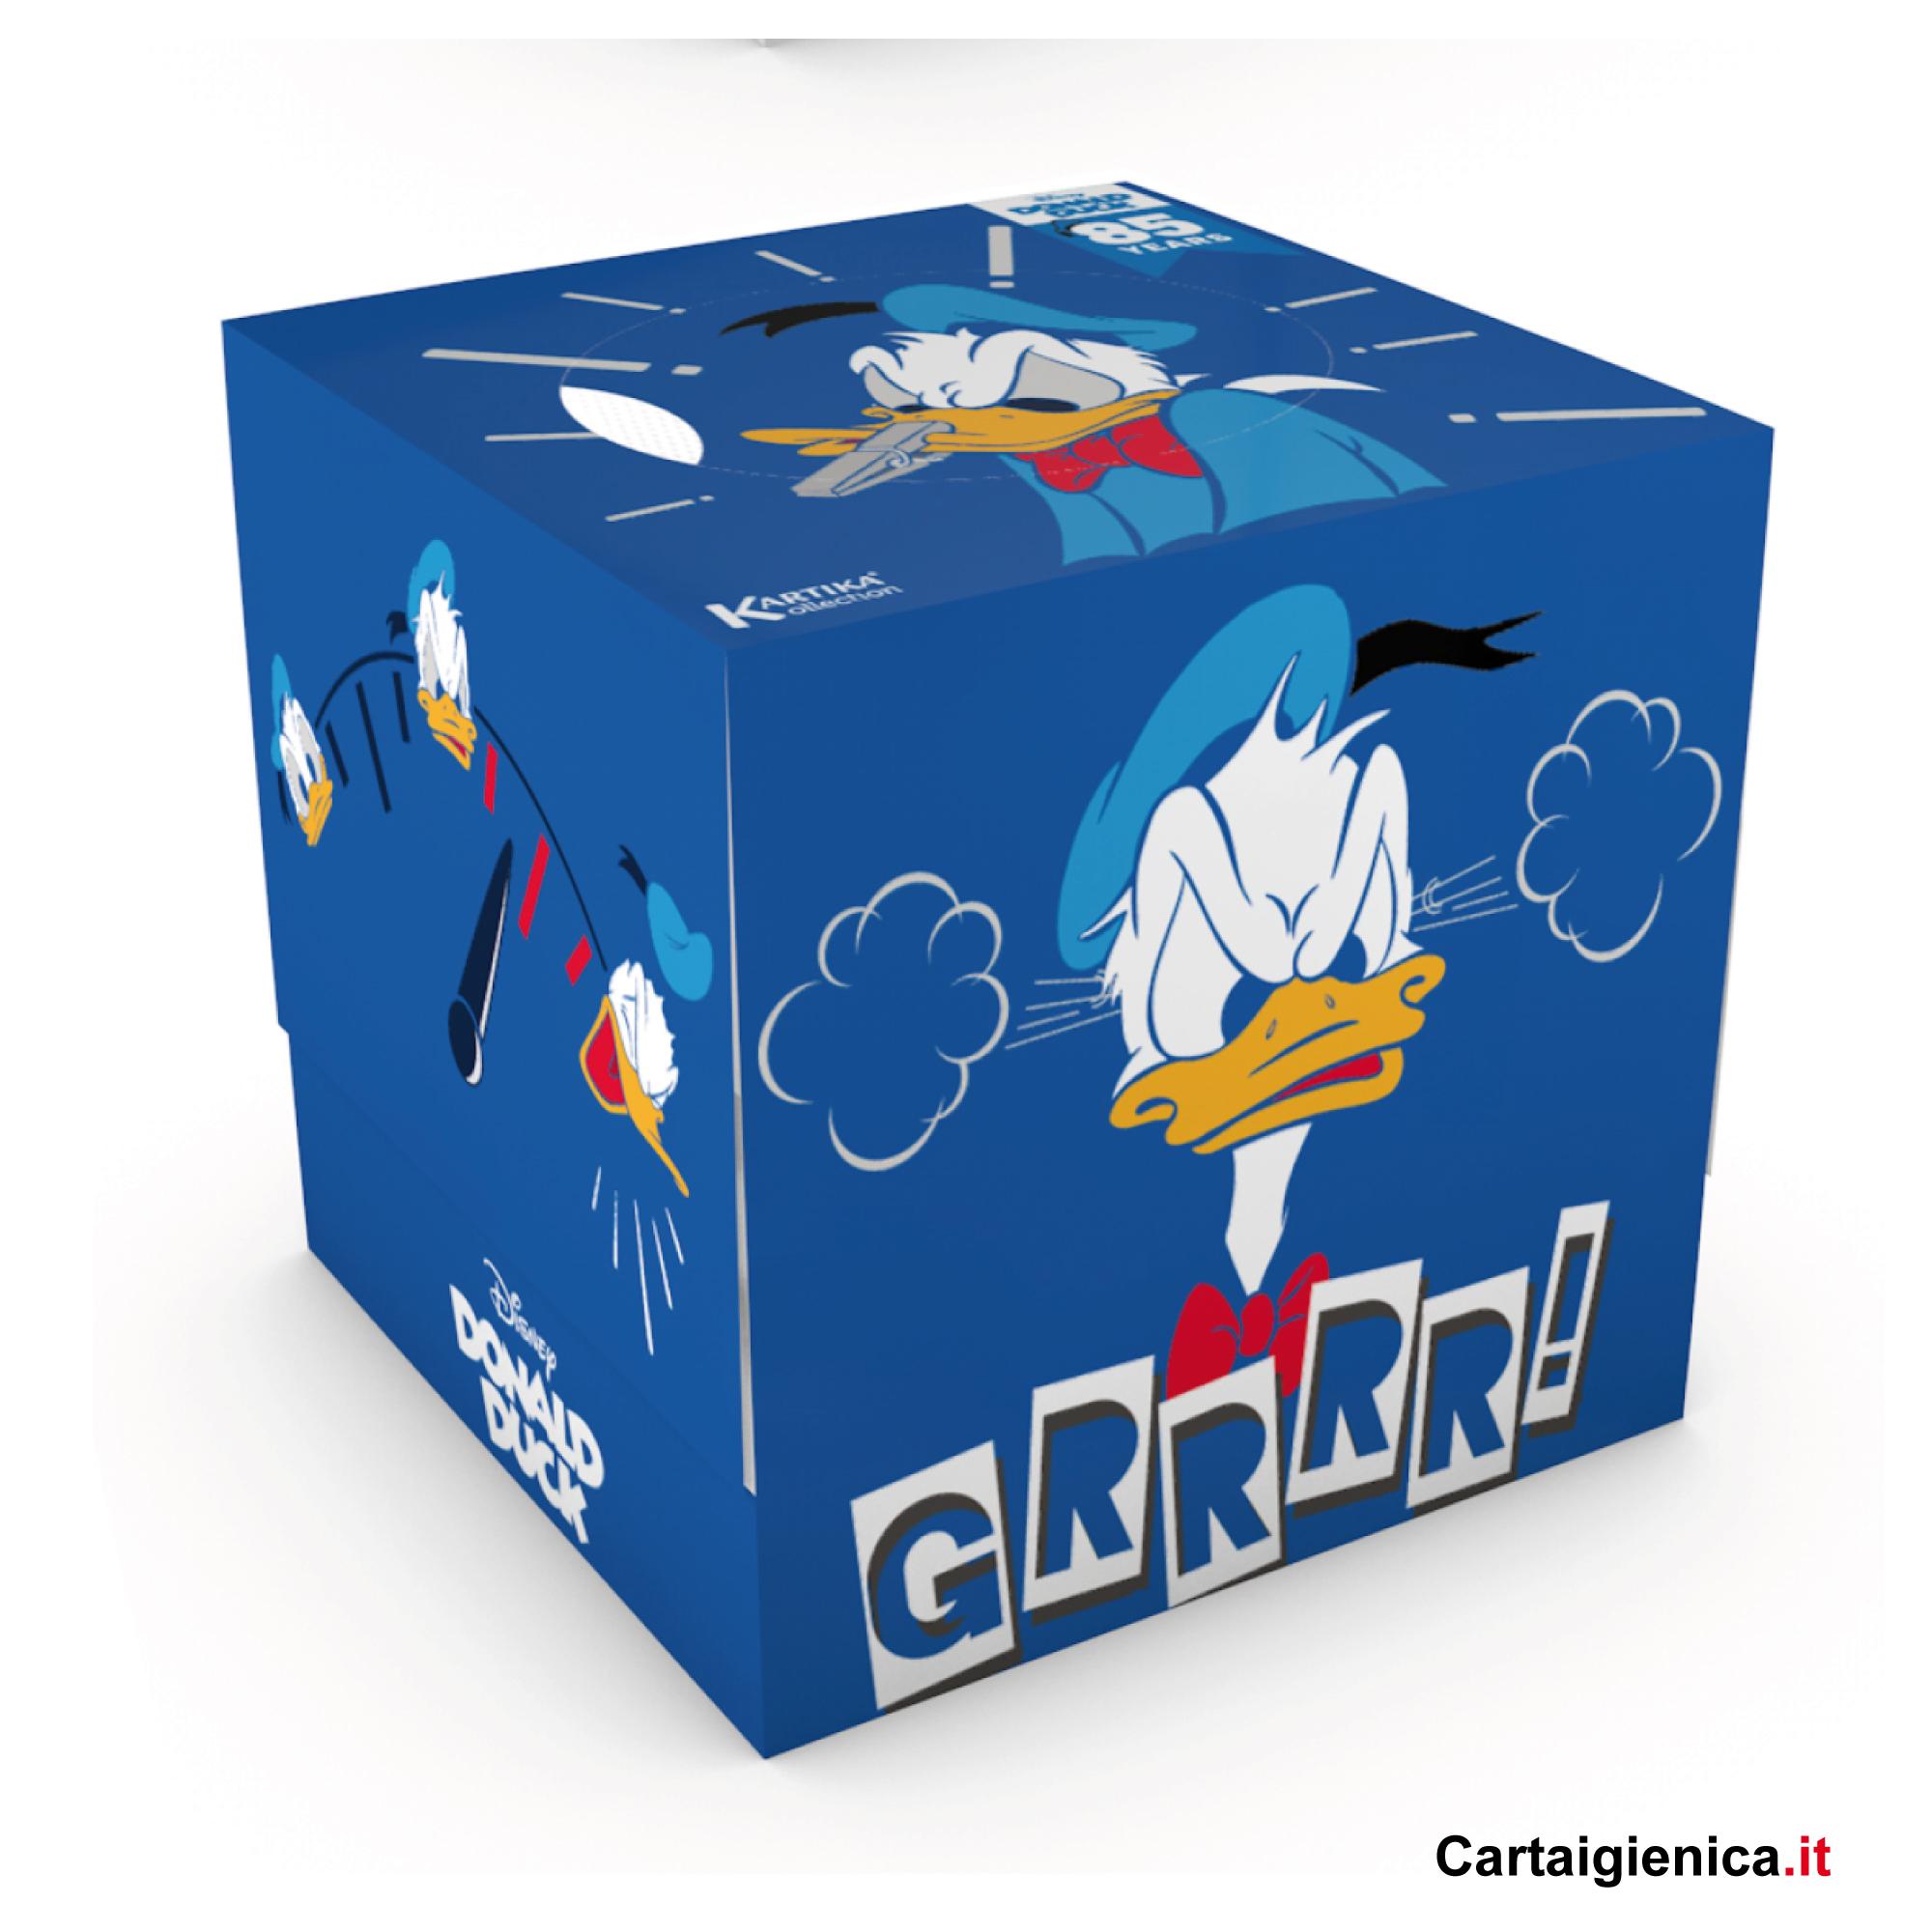 kartika veline donald duck paperino disney box cubo fazzoletti per bambini colori regalo